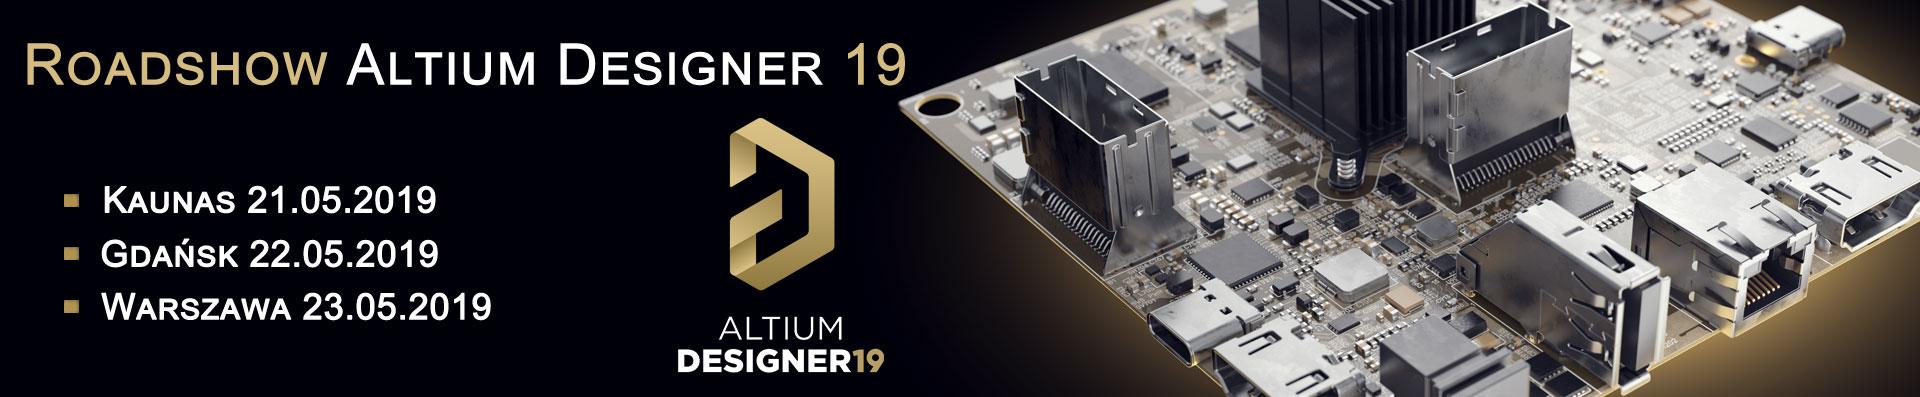 Altium Designer 19 Roadshow | Poland | 21 +22 +23 05 2019